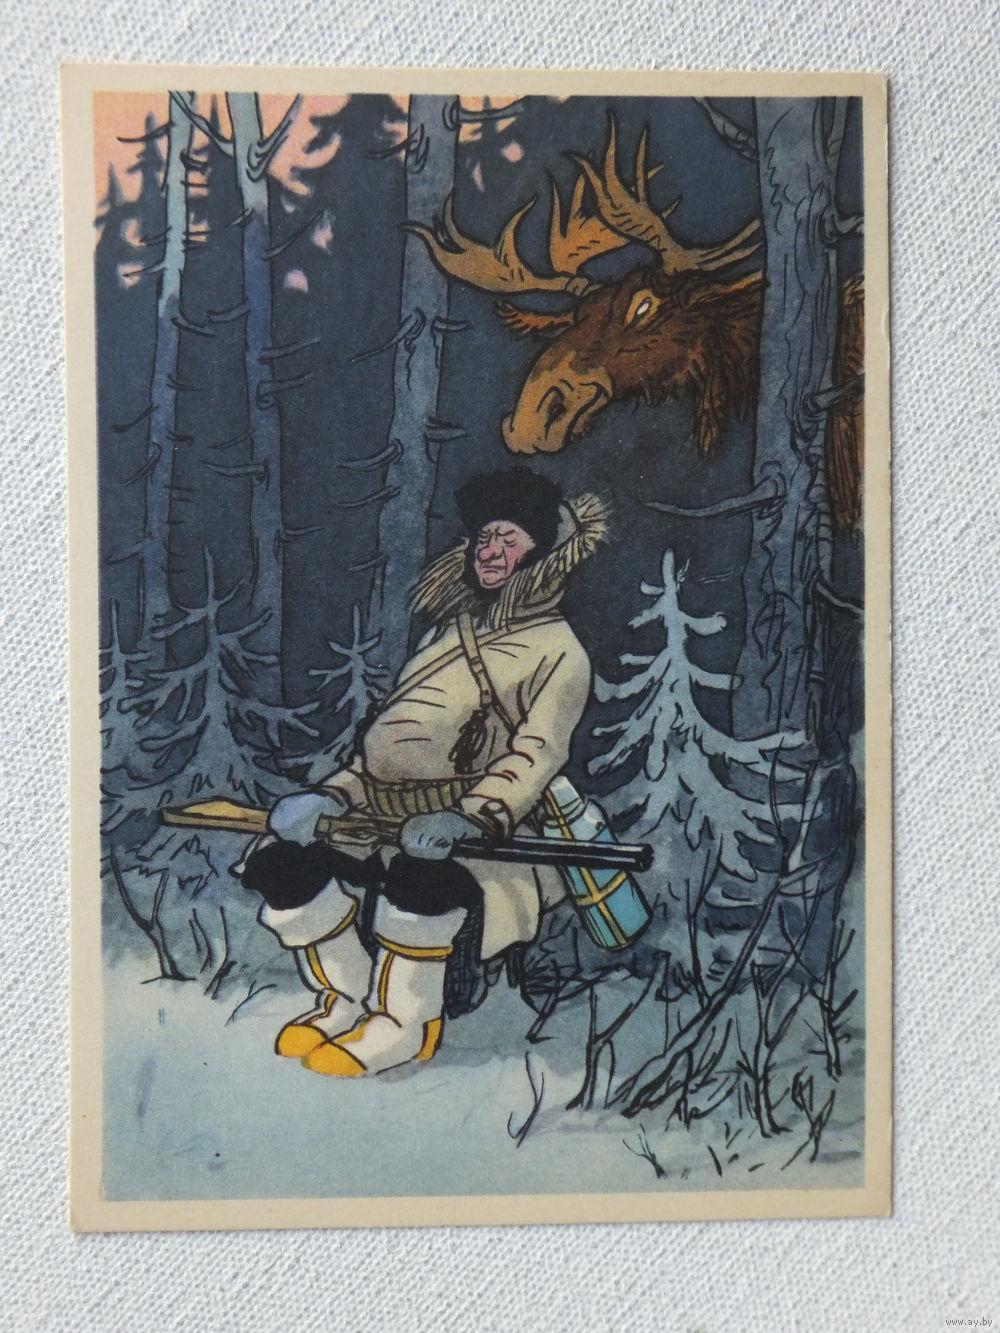 Поздравление с днем рождения охотнику - Поздравок 83